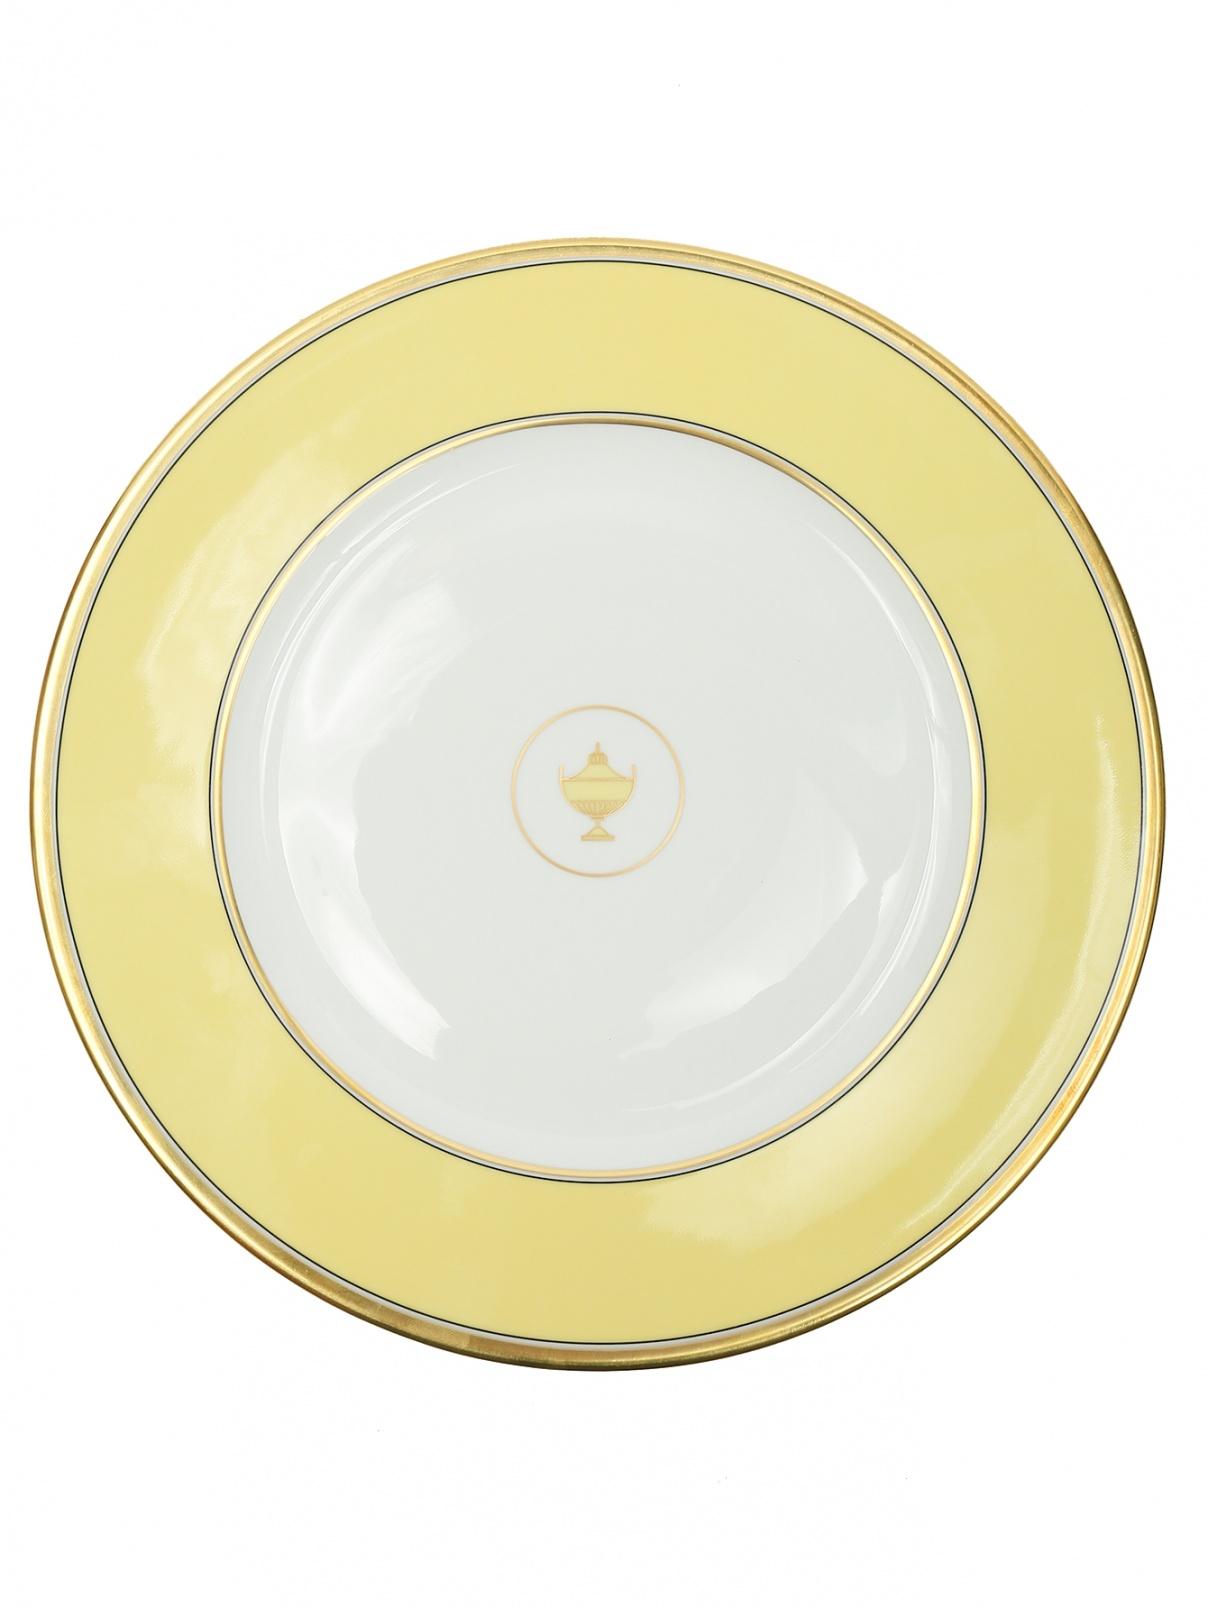 Блюдо круглое с золотой окантовкой Ginori 1735  –  Общий вид